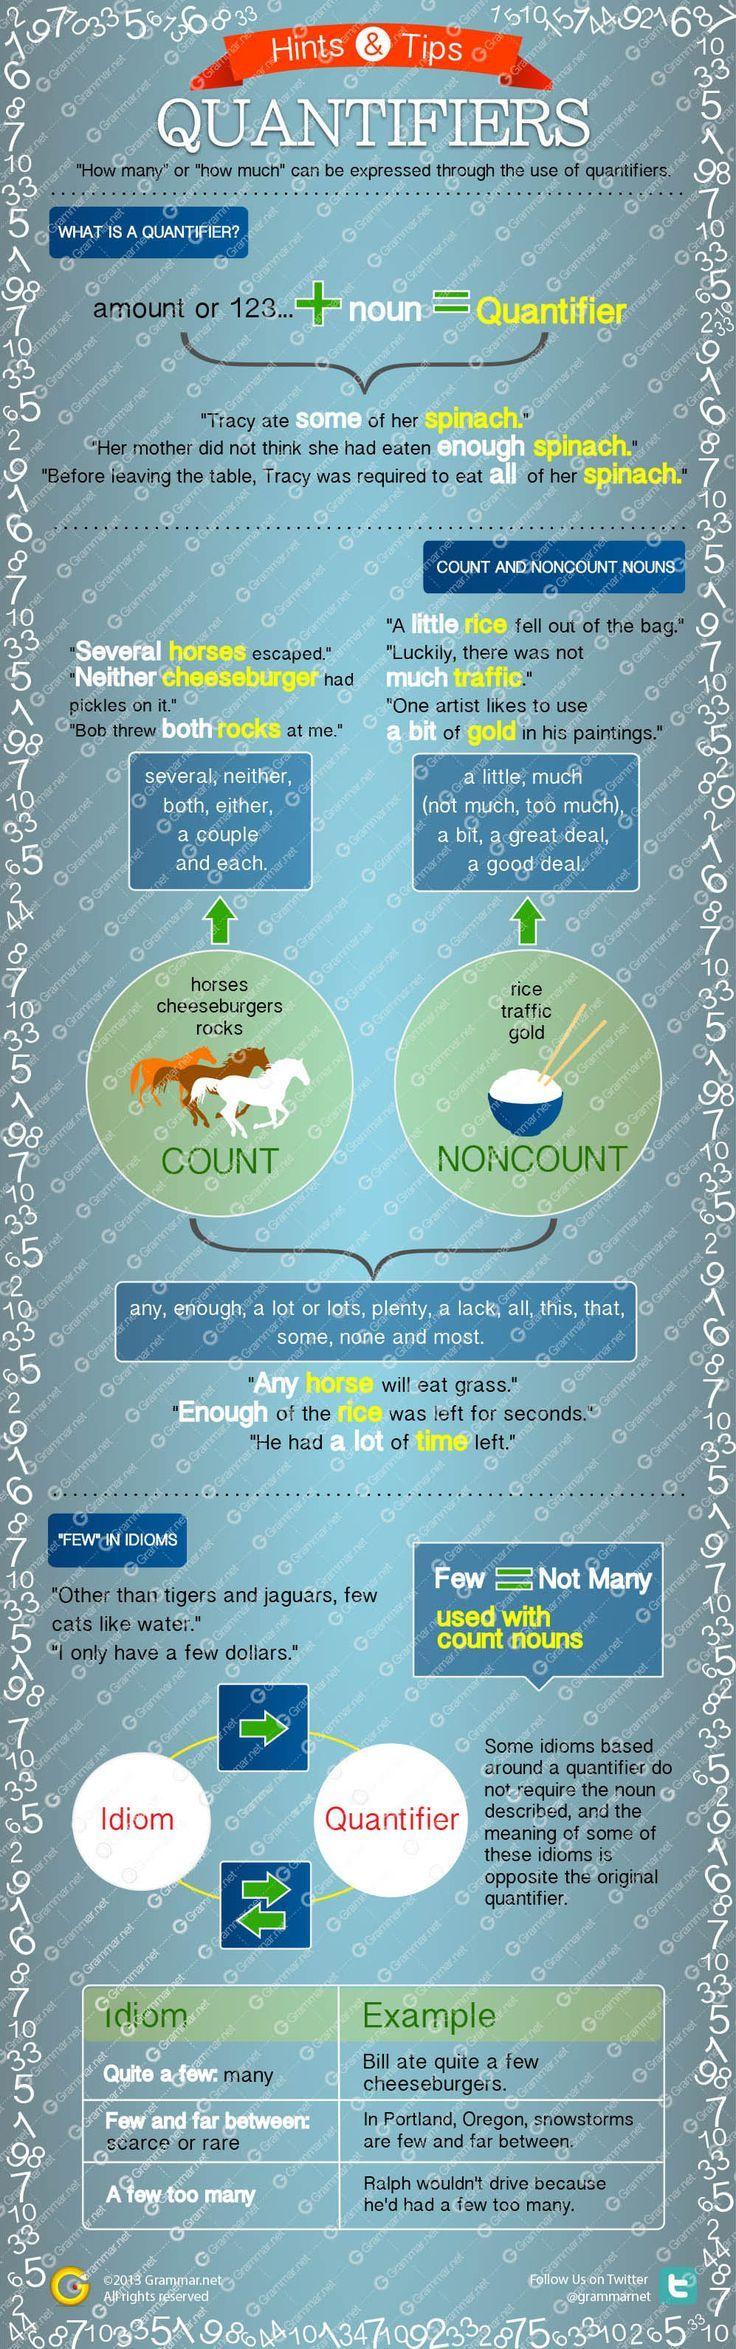 91 best Grammar images on Pinterest   English grammar, English ...